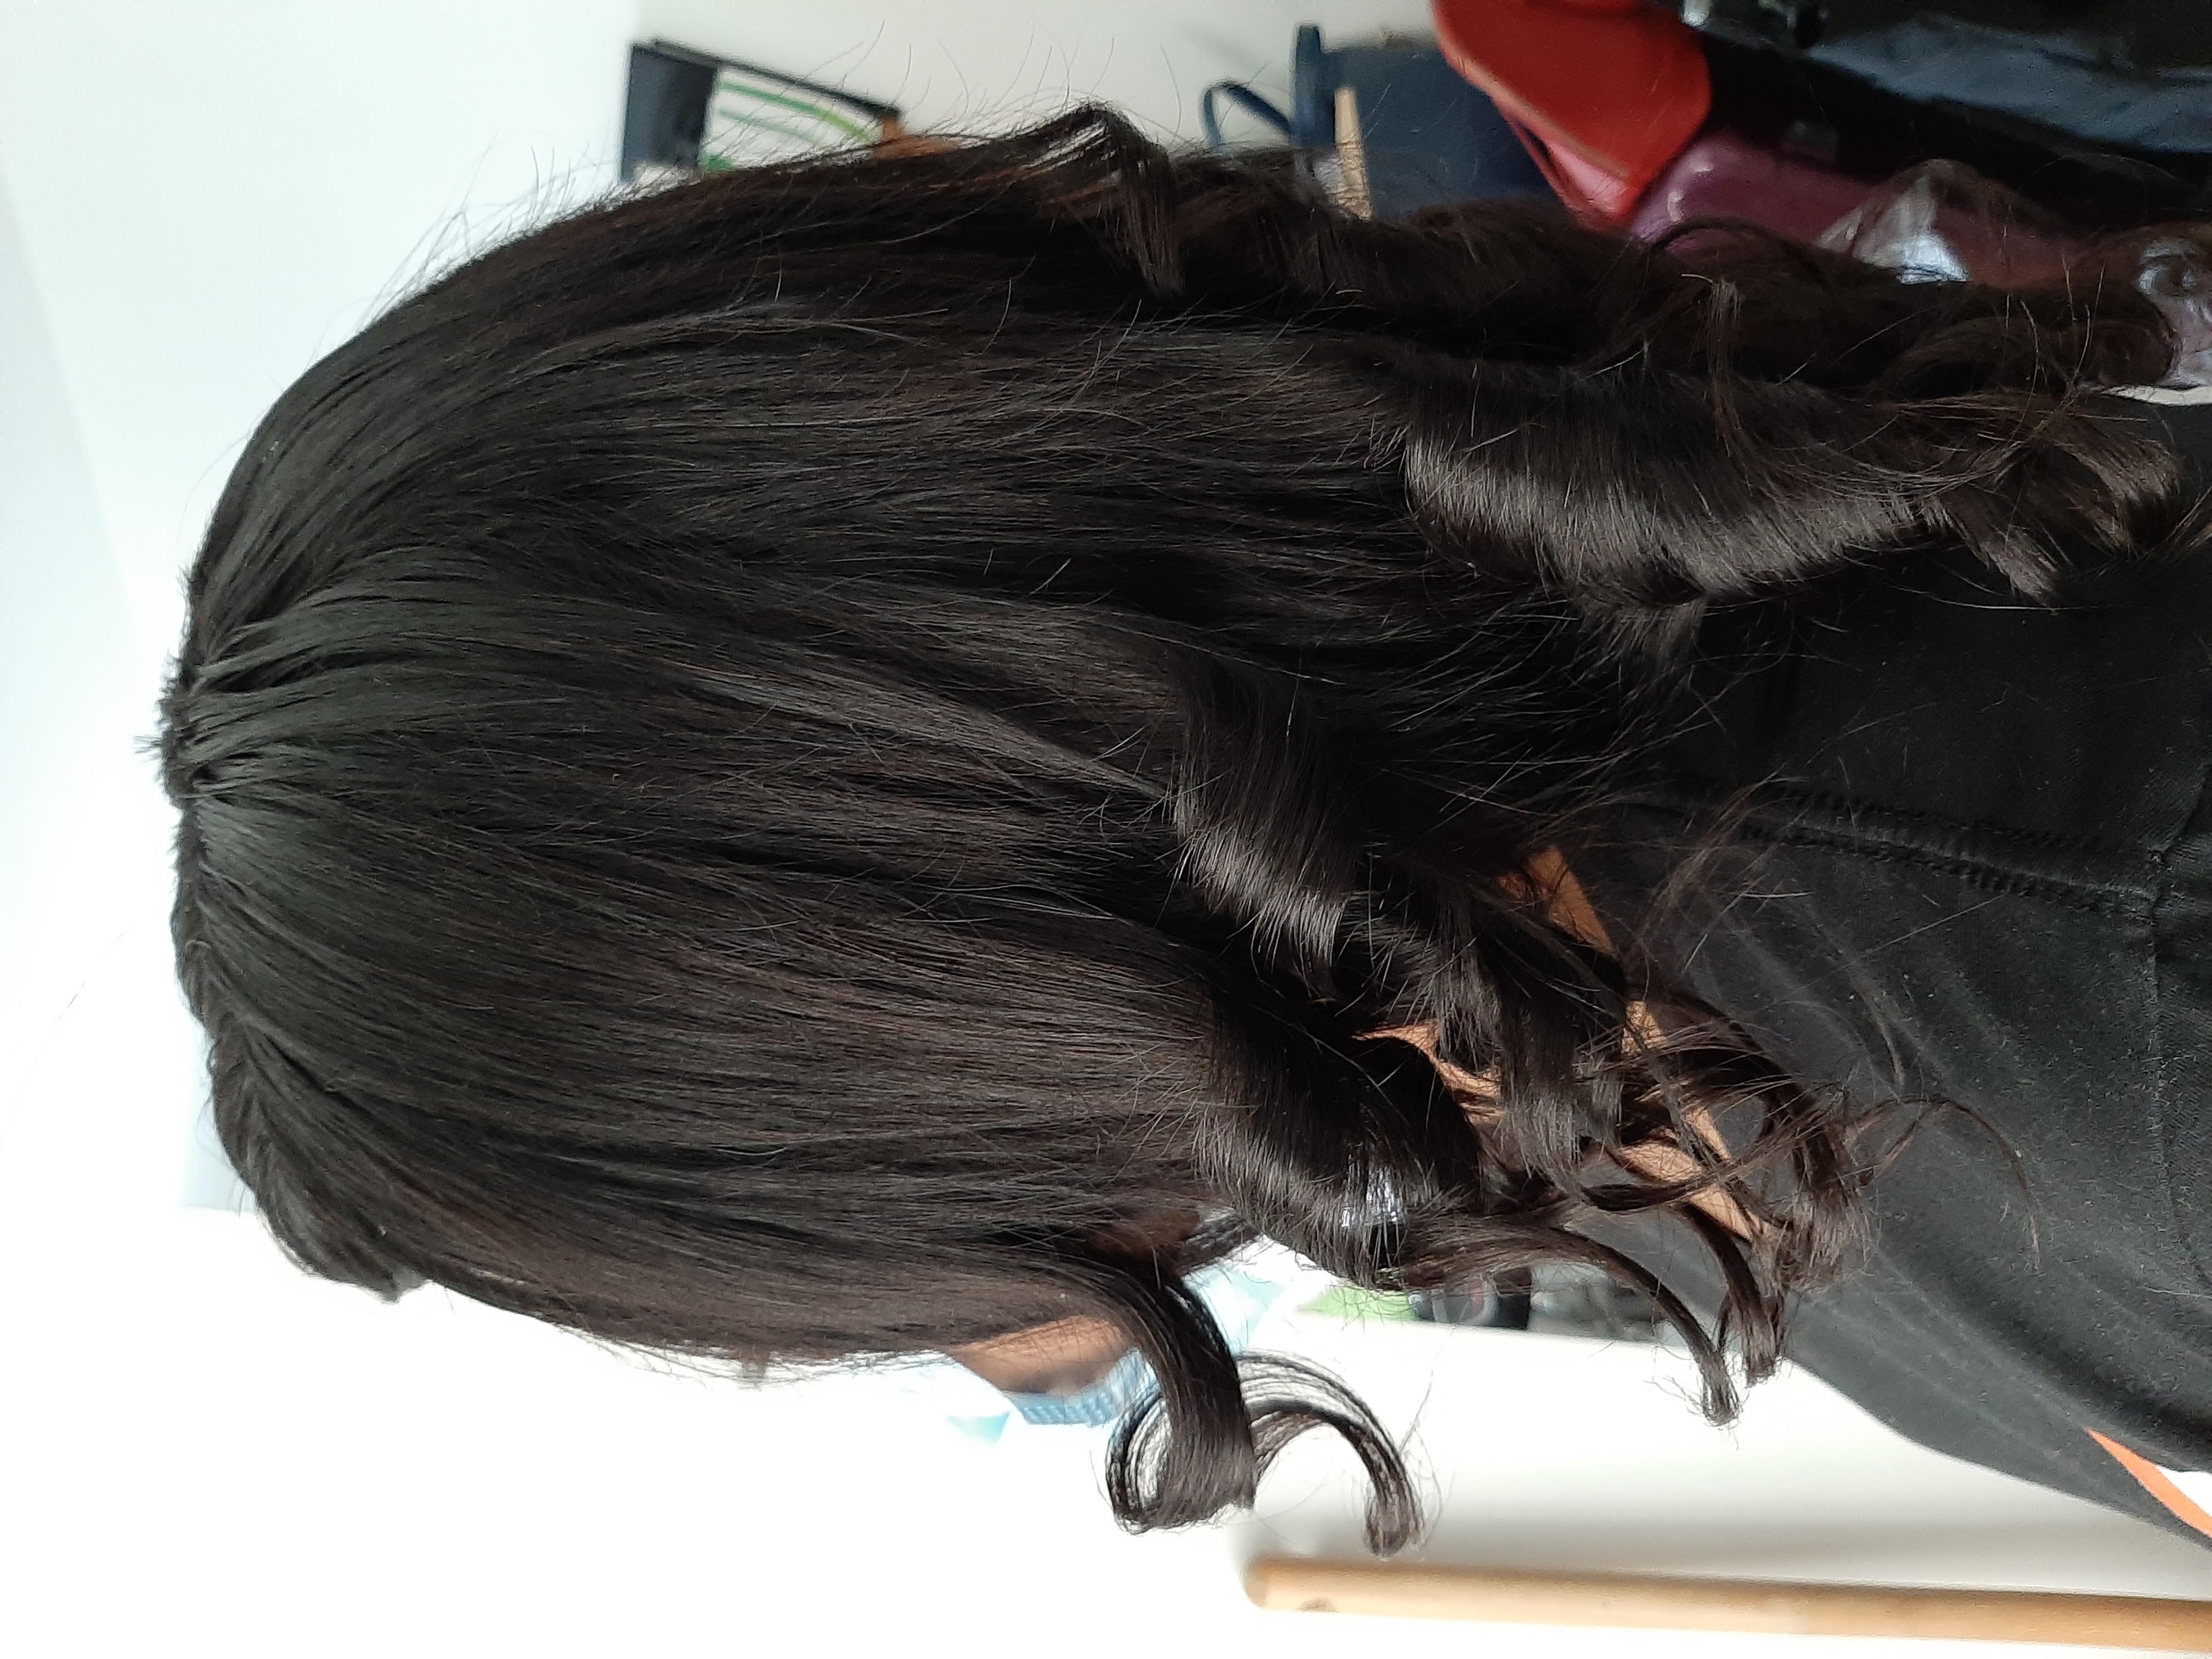 salon de coiffure afro tresse tresses box braids crochet braids vanilles tissages paris 75 77 78 91 92 93 94 95 KBYDKMIW